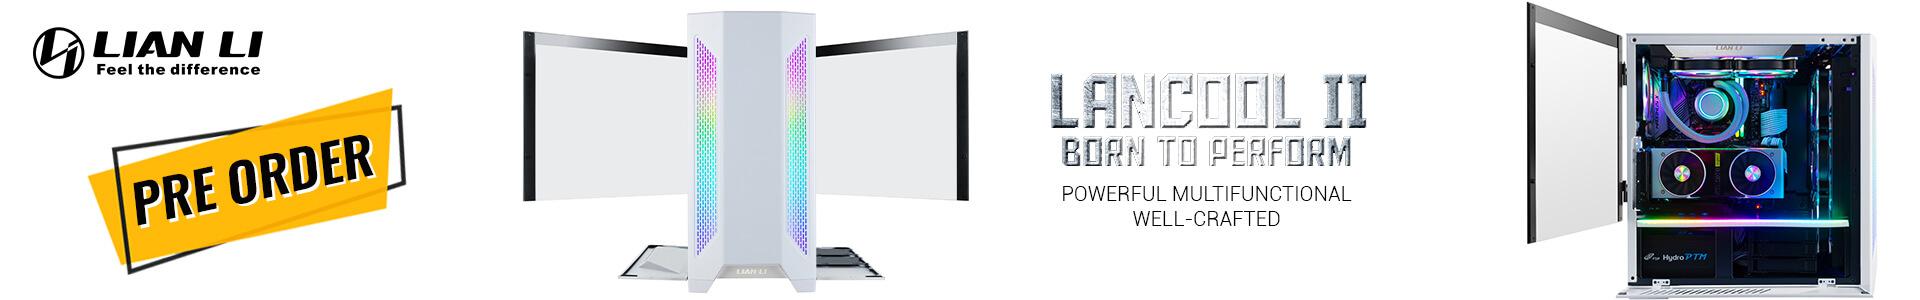 Lian Li Lancool II